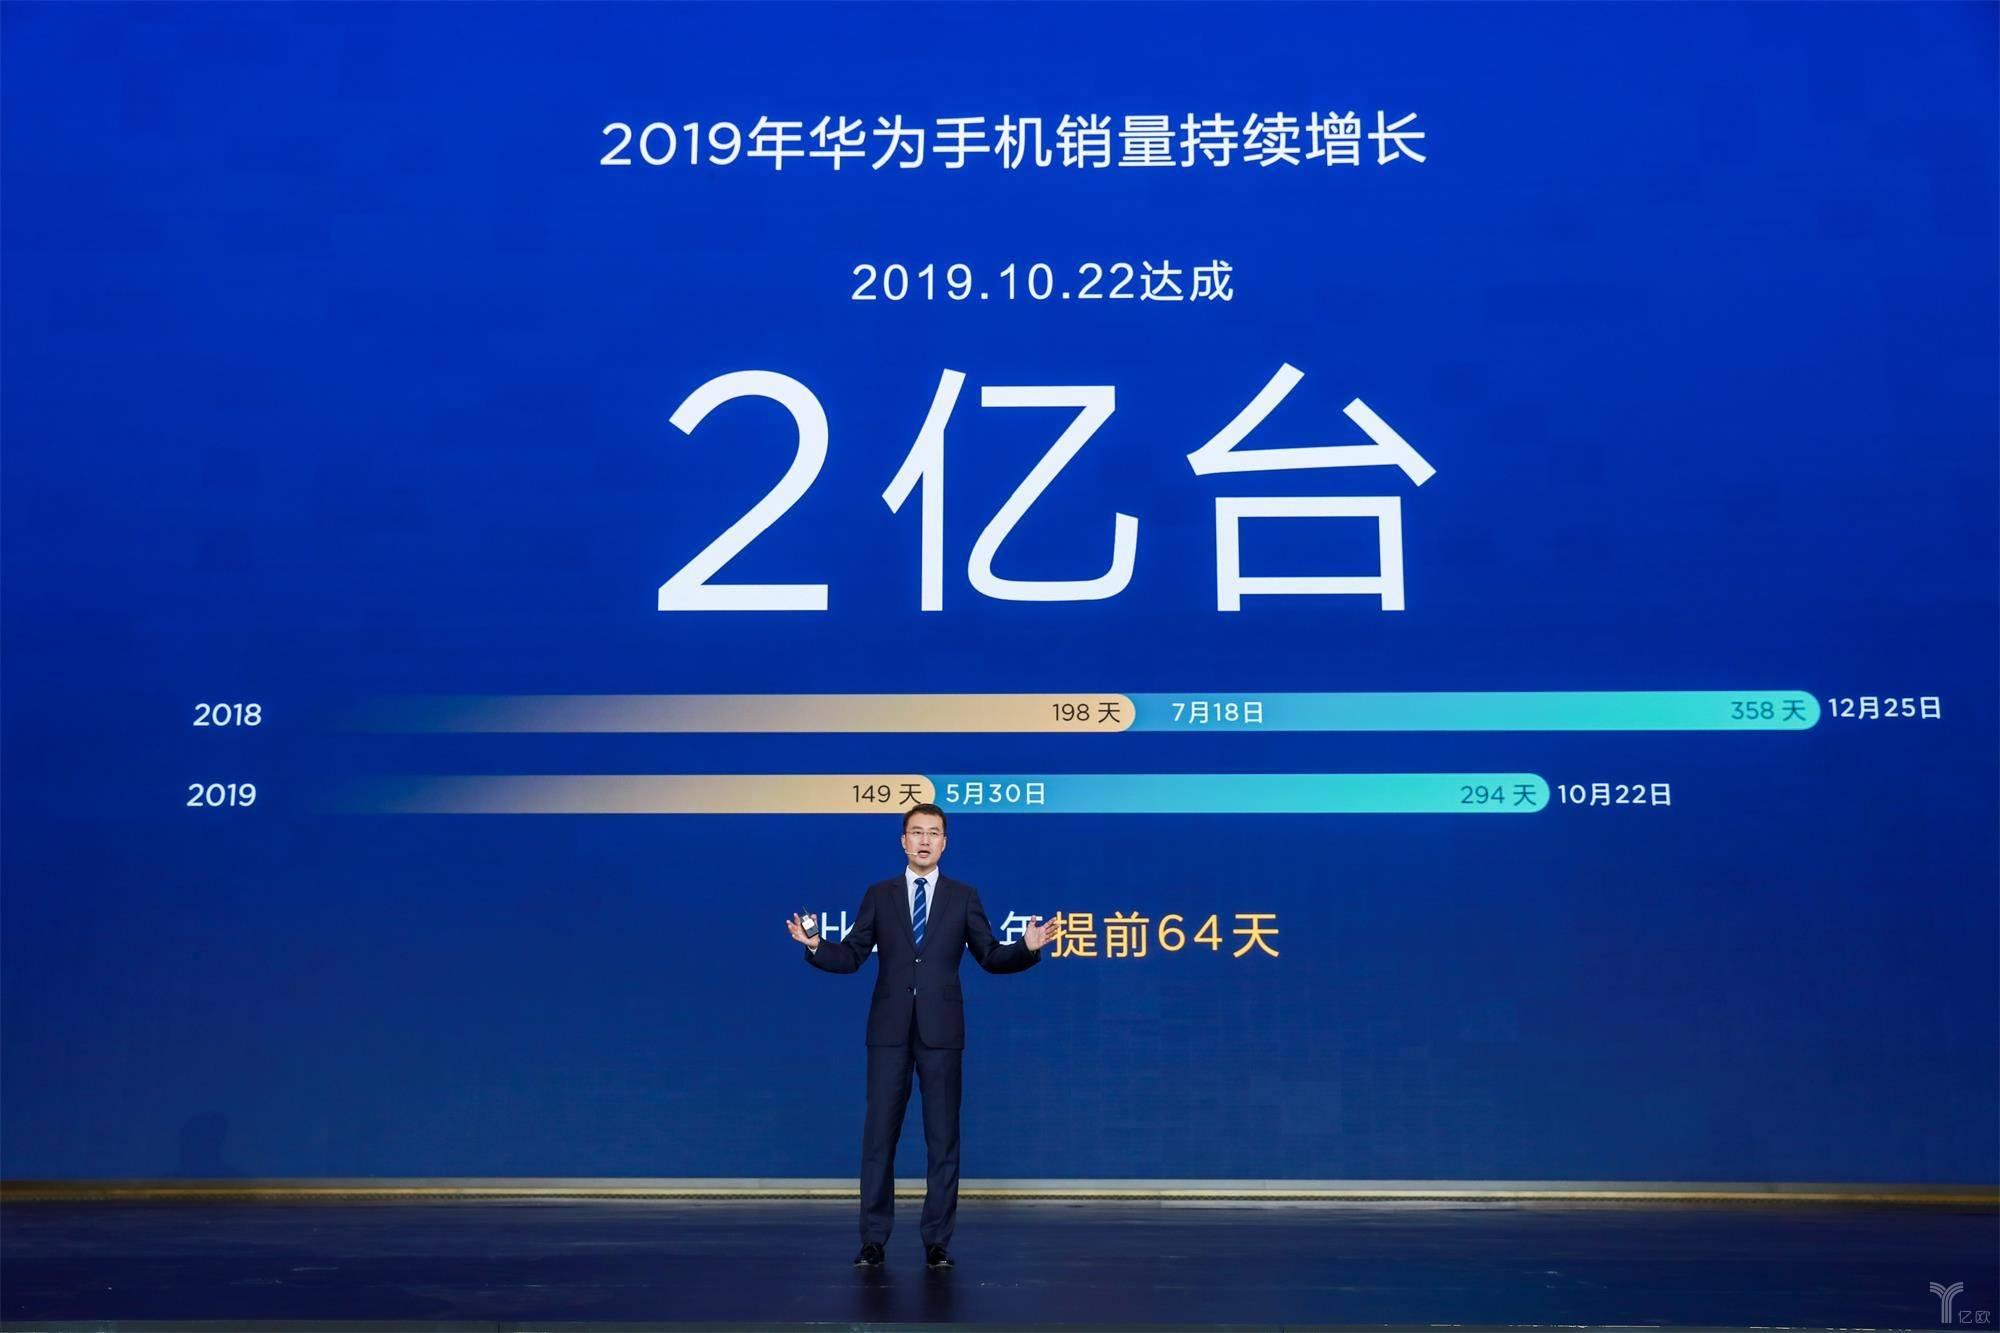 华为2019年手机销量突破2亿台